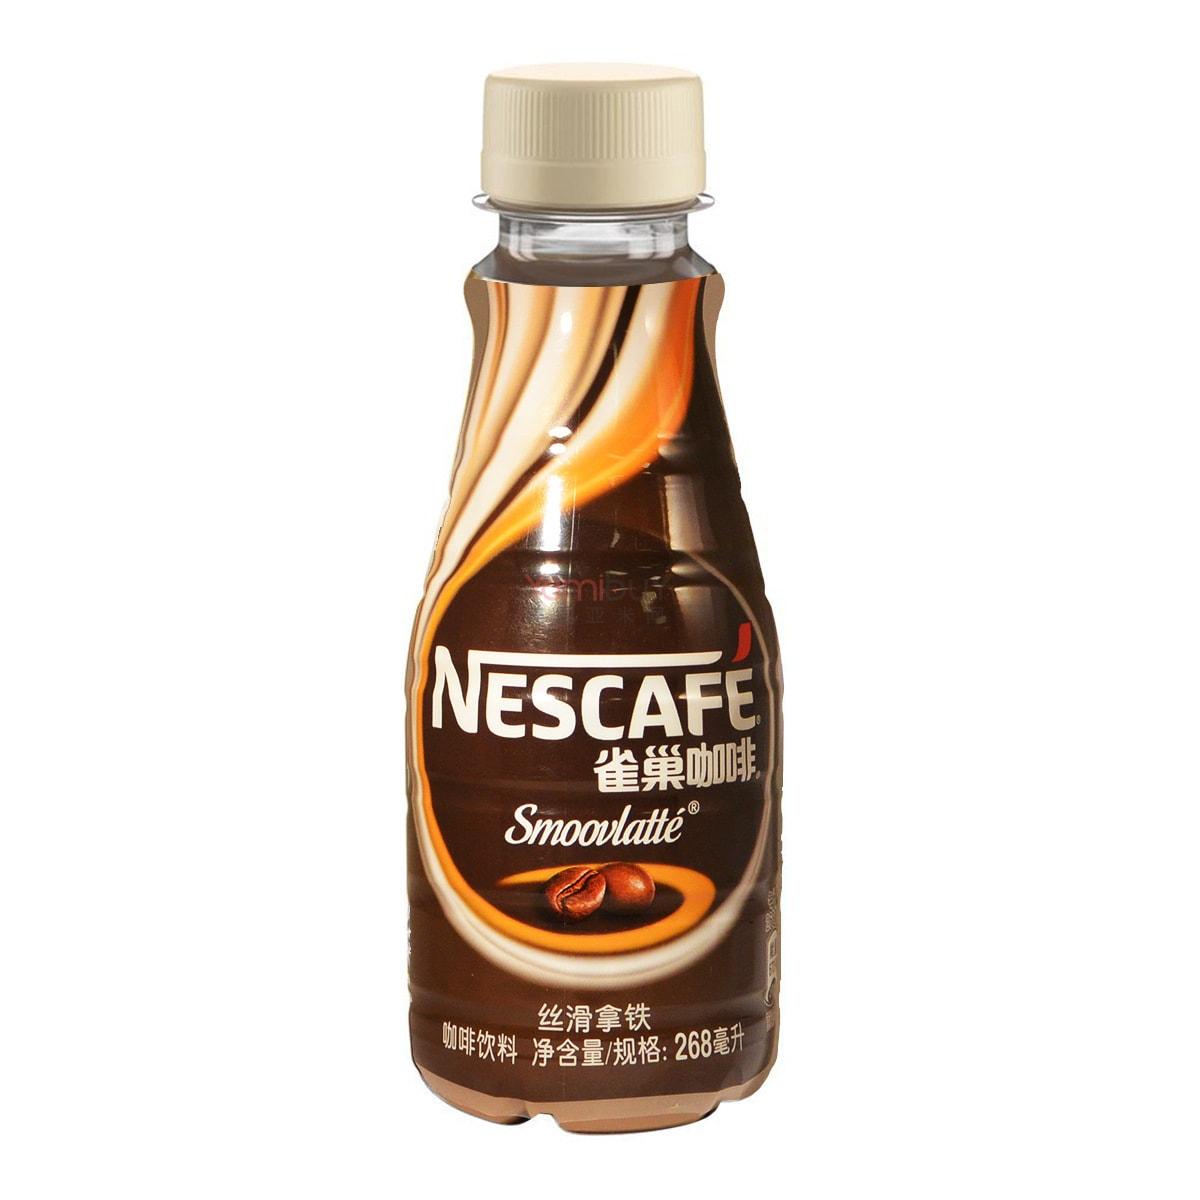 雀巢 丝滑拿铁瓶装咖啡 268ml